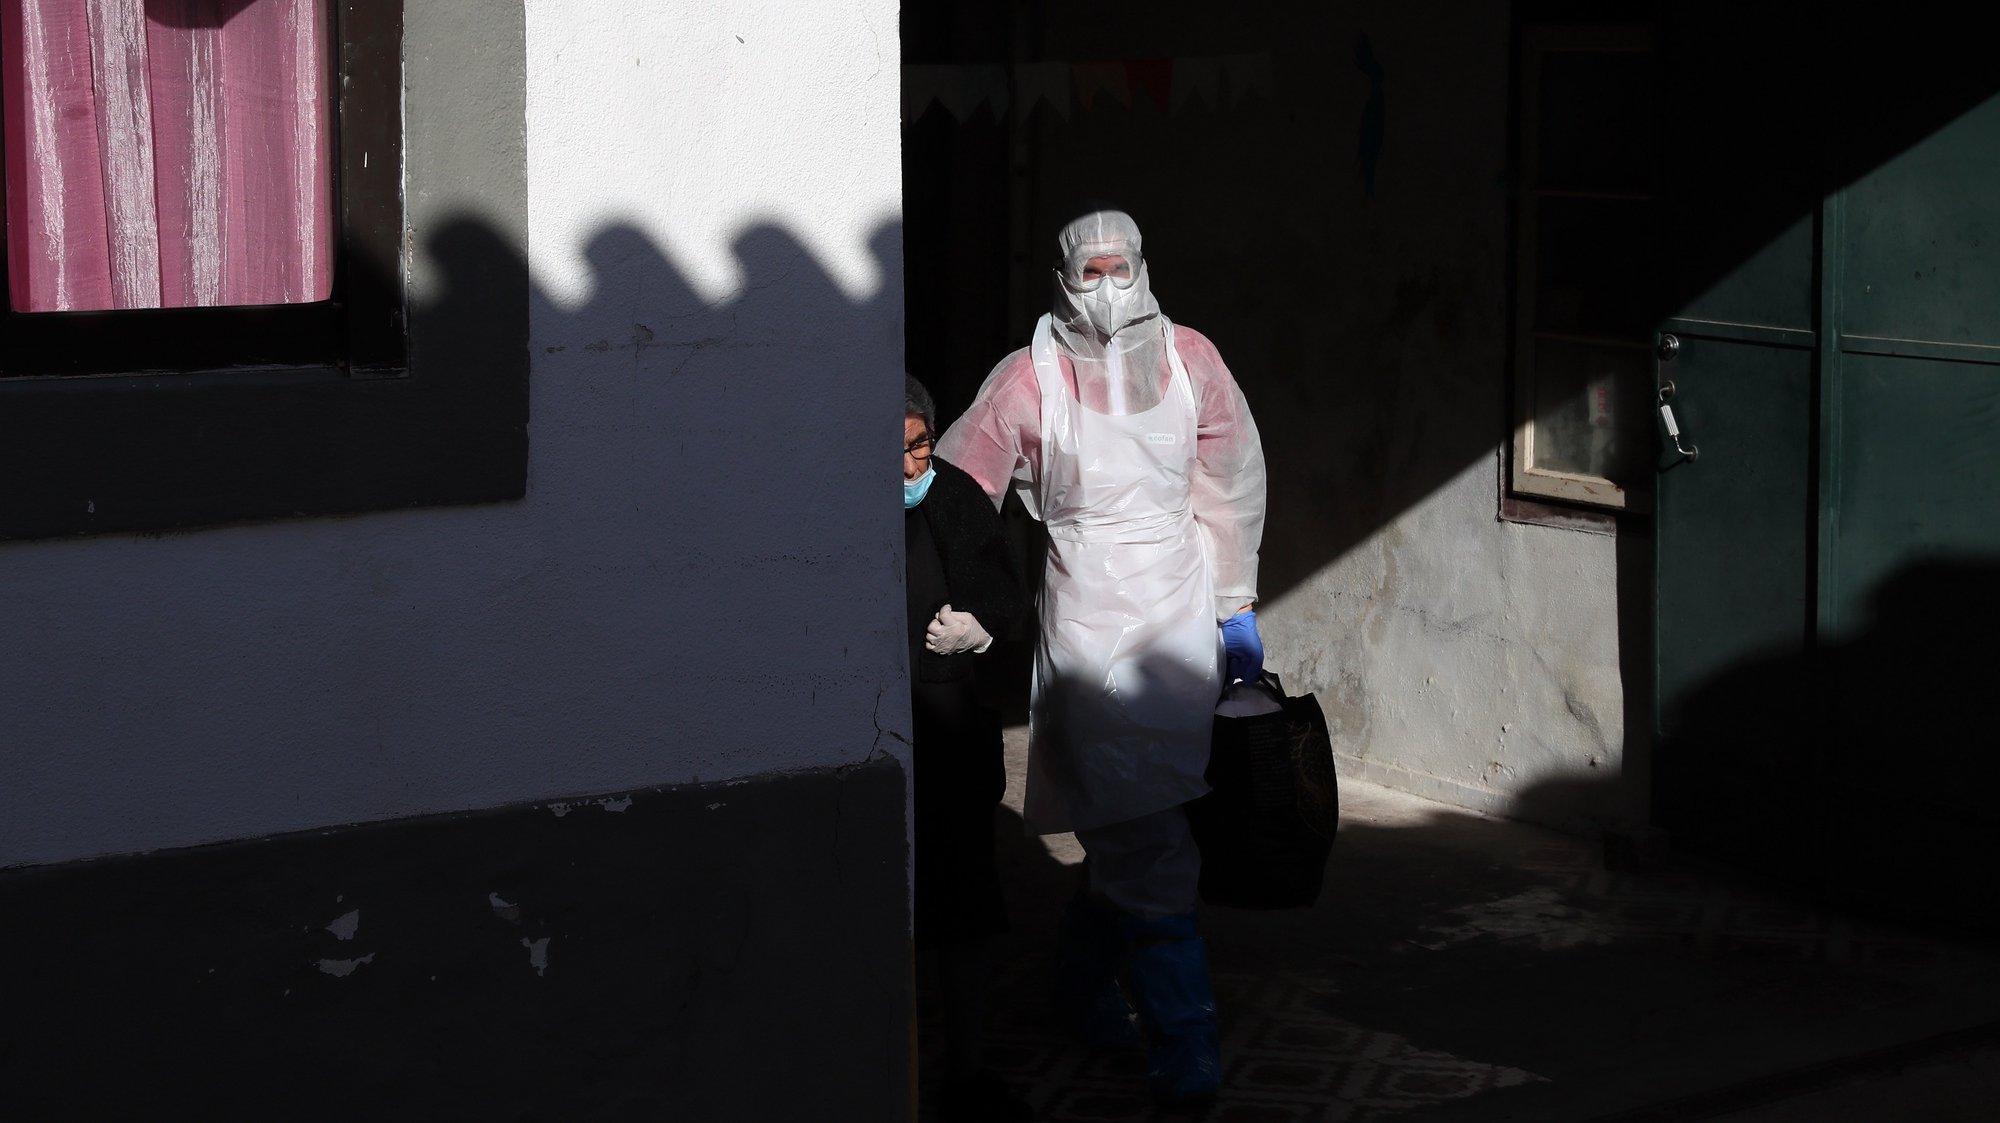 Operação de transferência de utentes do lar Mansão de São José, a maioria infetados com o novo coronavírus, para um edifício preparado para esta situação, na Base Aérea 11 (BA11), em Beja, 17 de outubro de 2020. O surto de covid-19 no lar Mansão de São José foi confirmado na quarta-feira, depois de utentes e funcionários terem sido testados à presença do SARS-CoV-2 na sequência da confirmação de dois casos positivos, uma utente e uma funcionária. NUNO VEIGA/LUSA